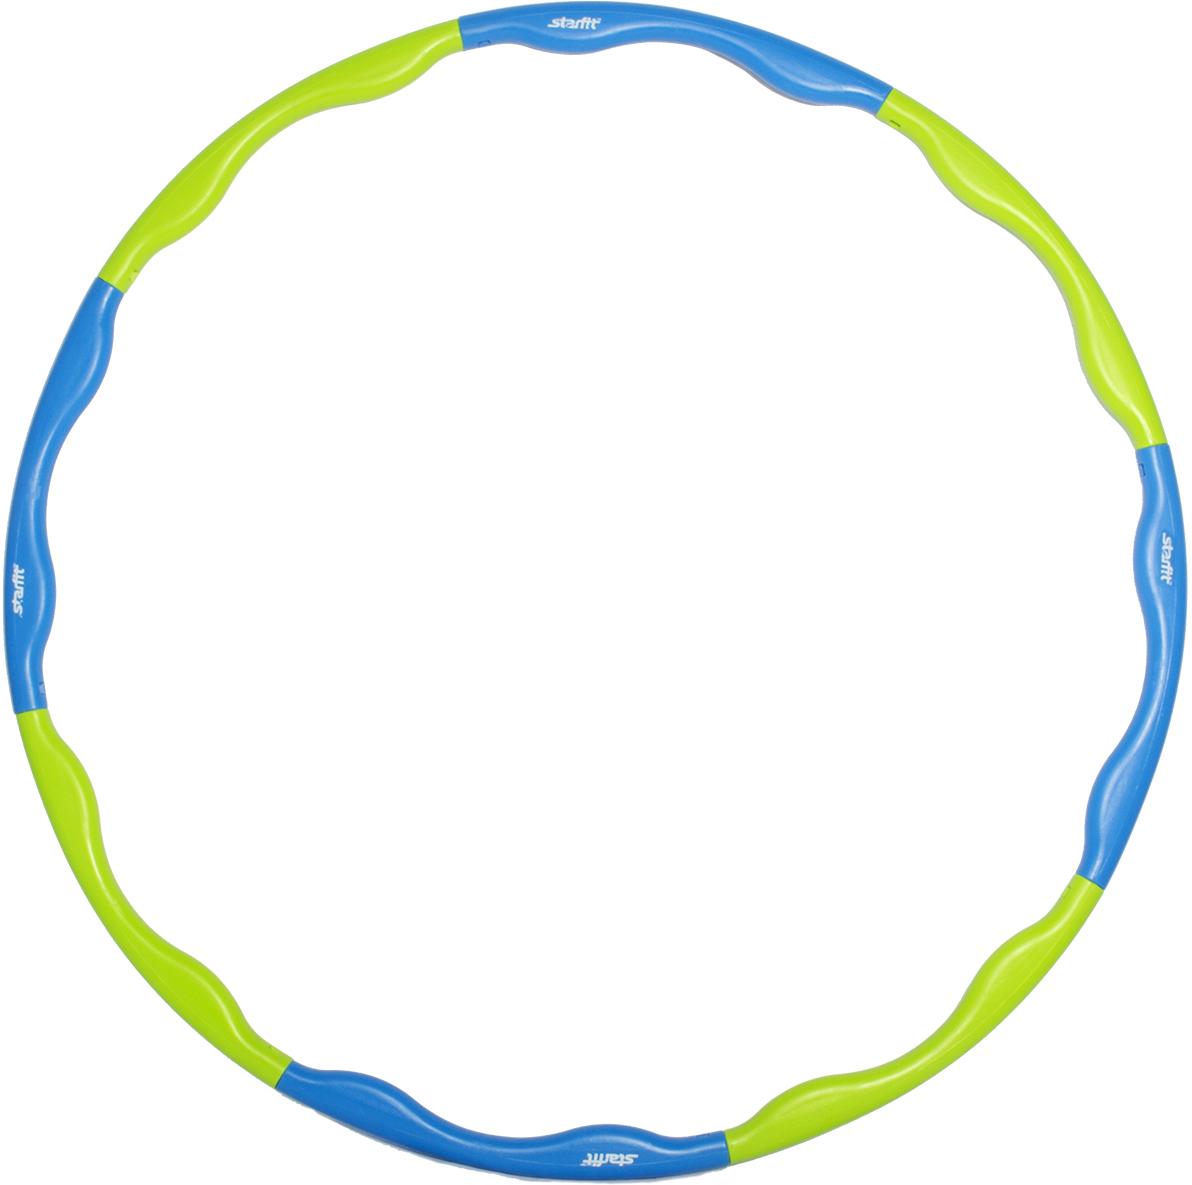 Фото - Обруч массажный Star Fit, разборный, цвет: синий, салатовый, диаметр 90 см обруч гимнастический starfit обруч массажный hh 106 разборный 98 см